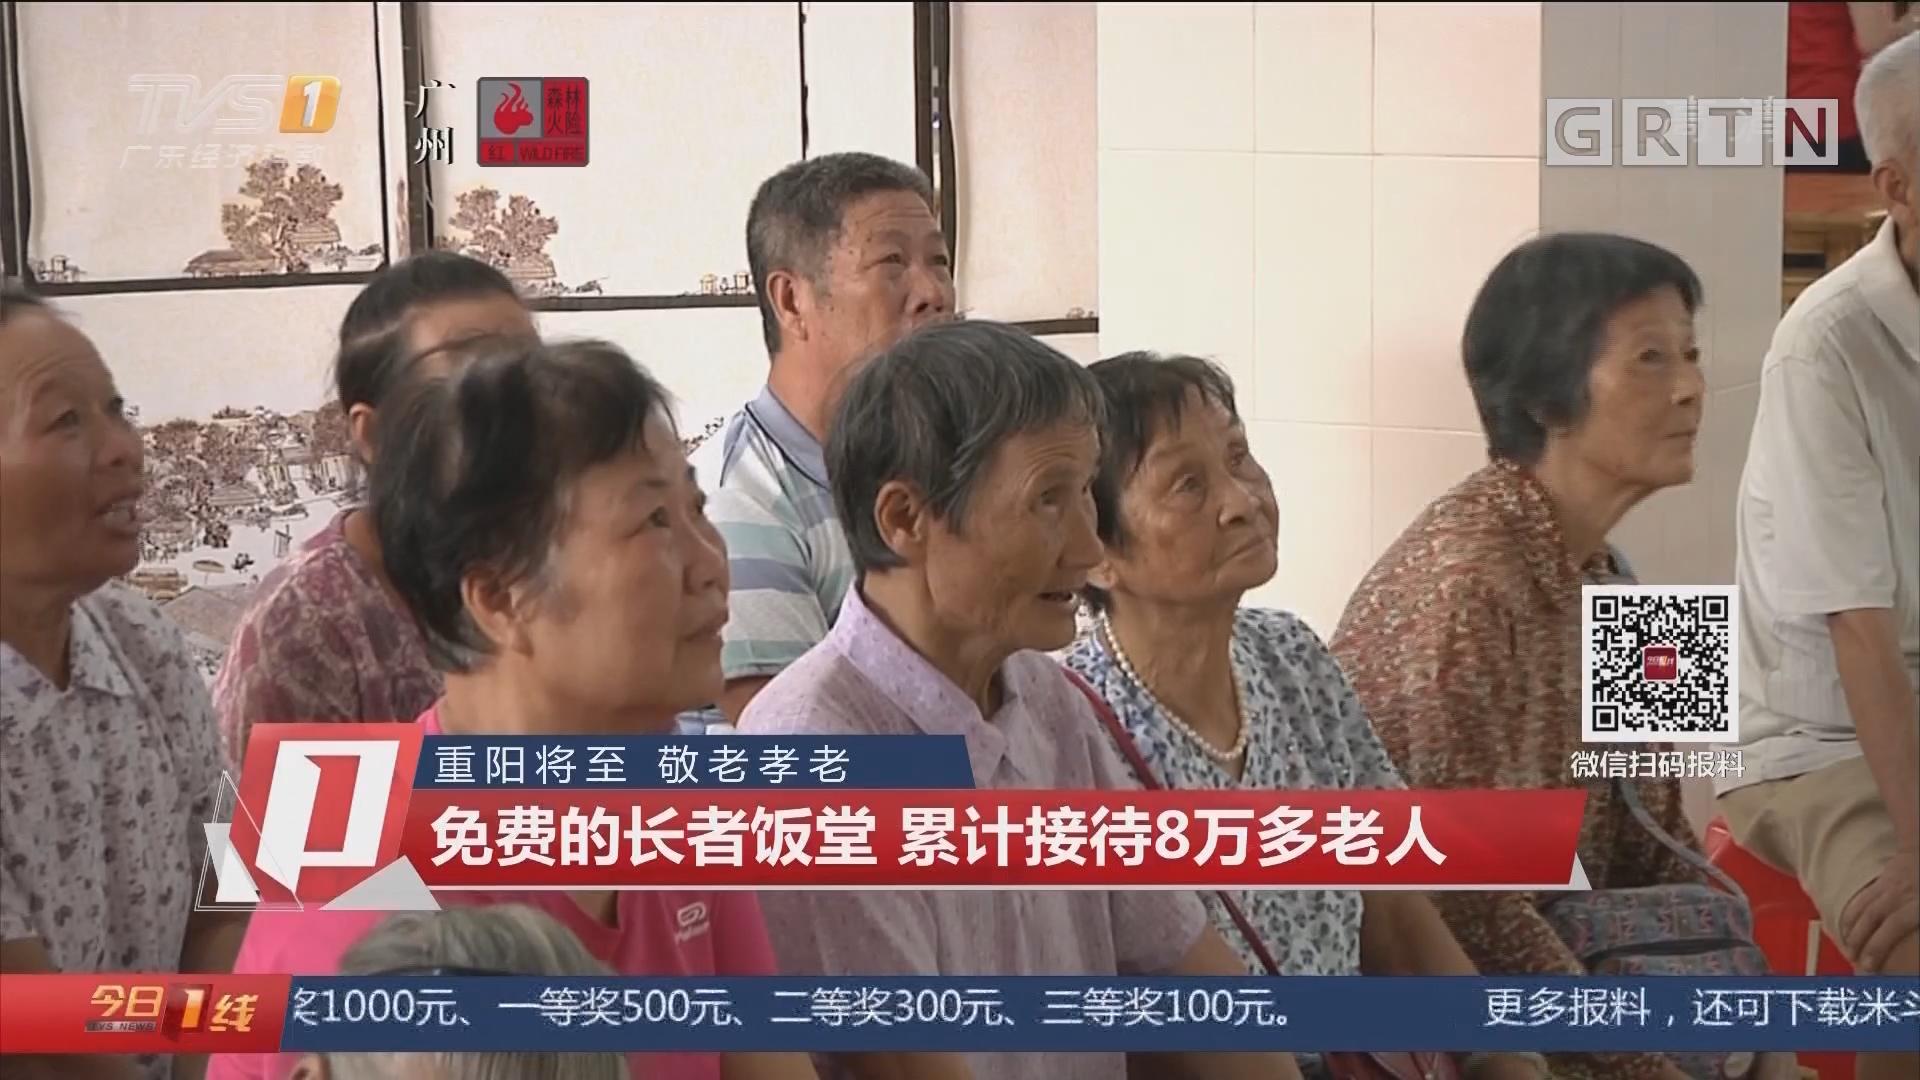 重阳将至 敬老孝老:免费的长者饭堂 累计接待8万多老人